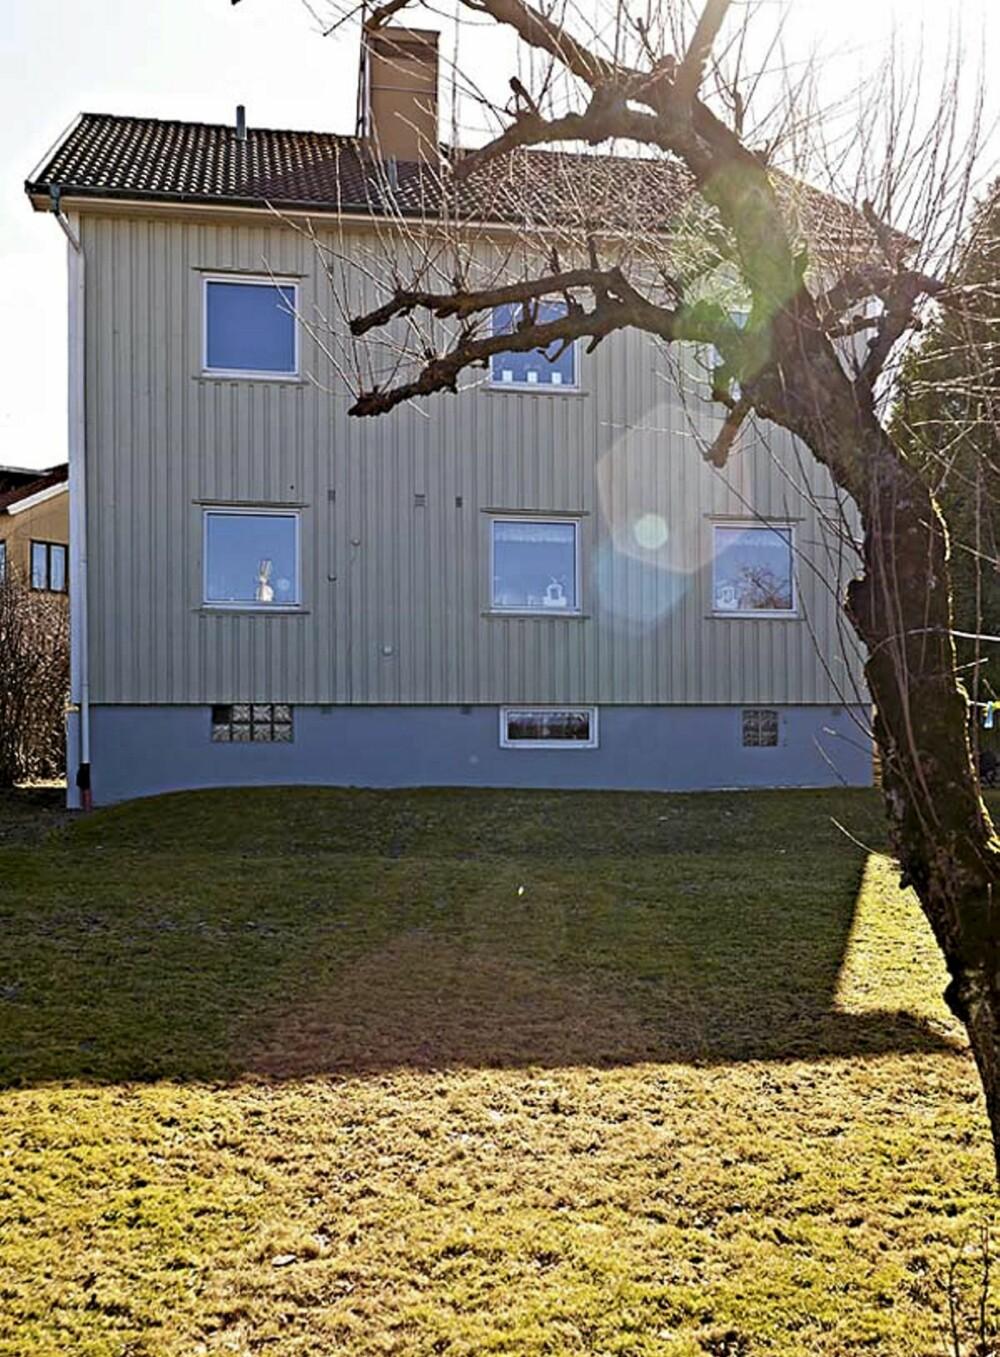 Slik ser den horisontaldelte tomannsboligen ut sett fra hagen. Lina og familien bor i første etasje.